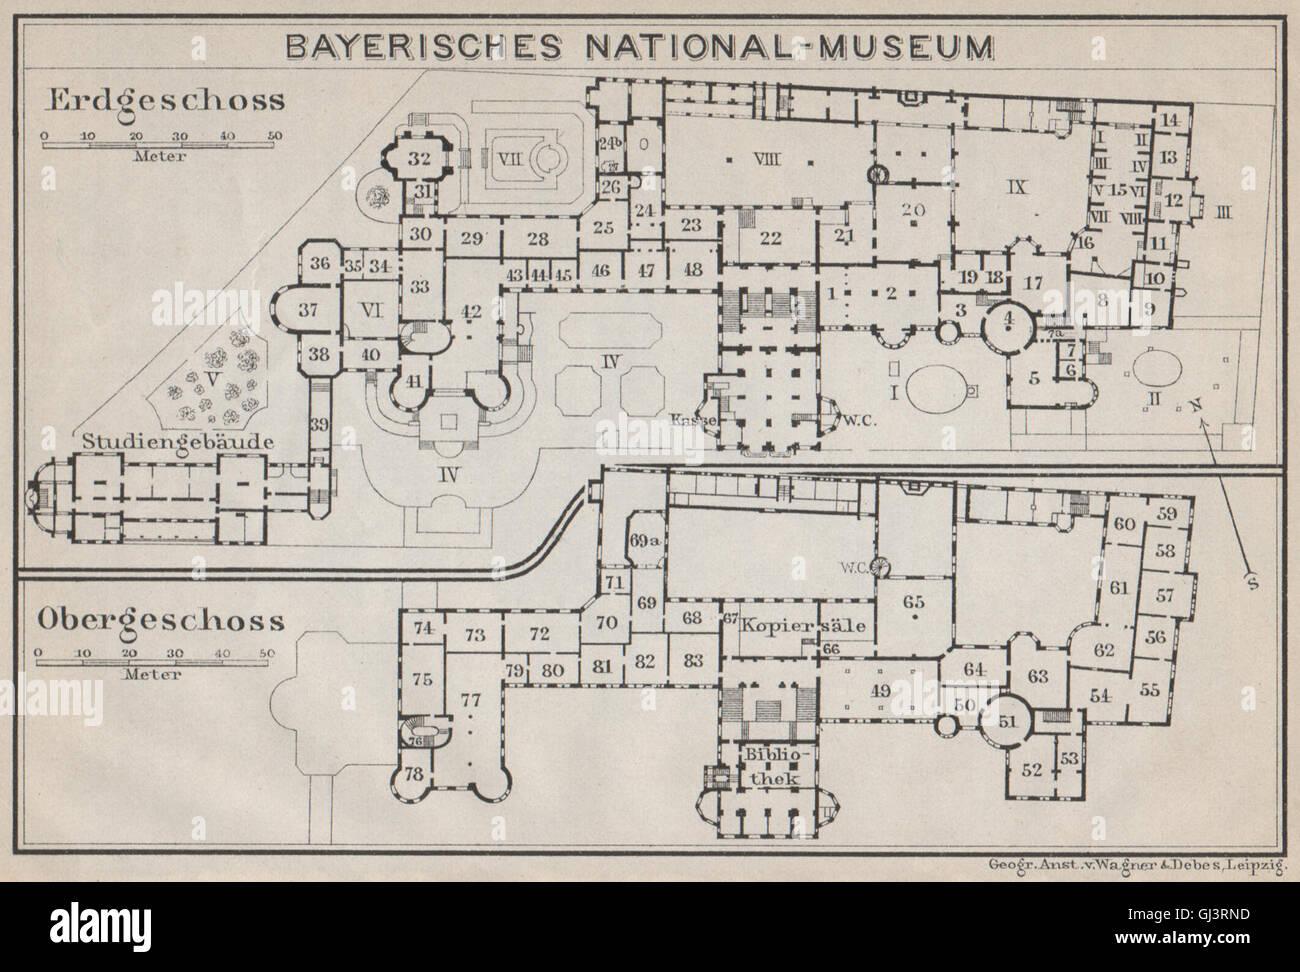 München Karte Bayern.Bayern Bayerischen Nationalmuseum Grundriss München München Karte